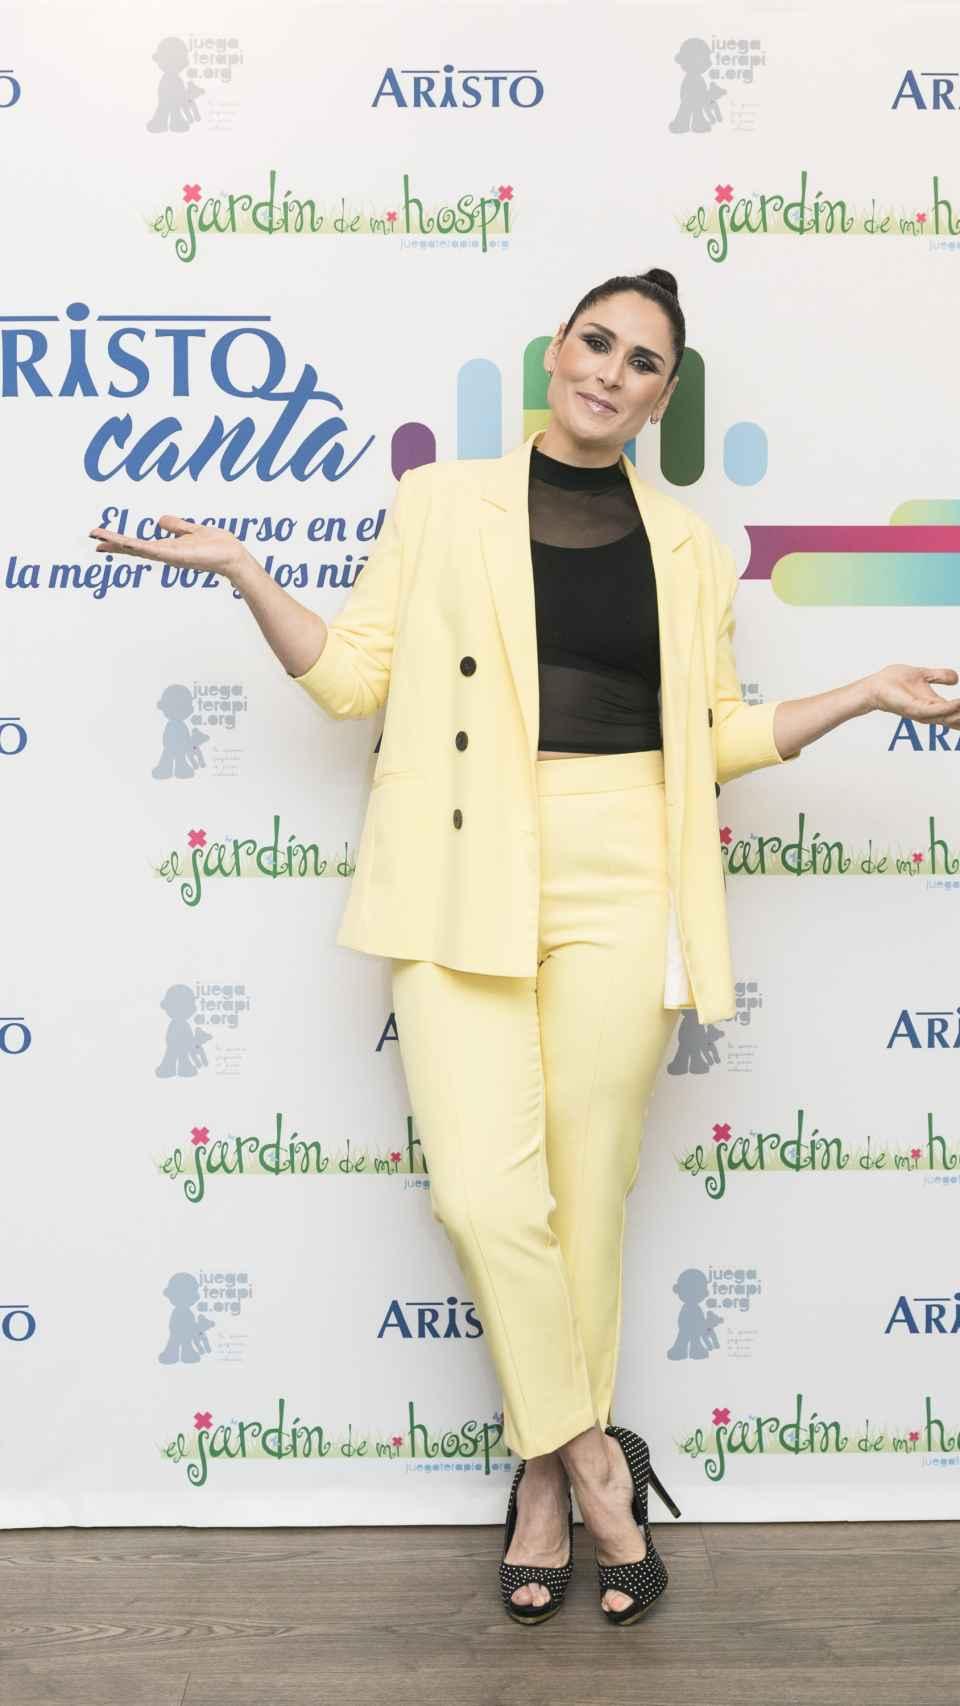 Rosa López en la presentación del proyecto de Aristo Canta y Juegaterapia.